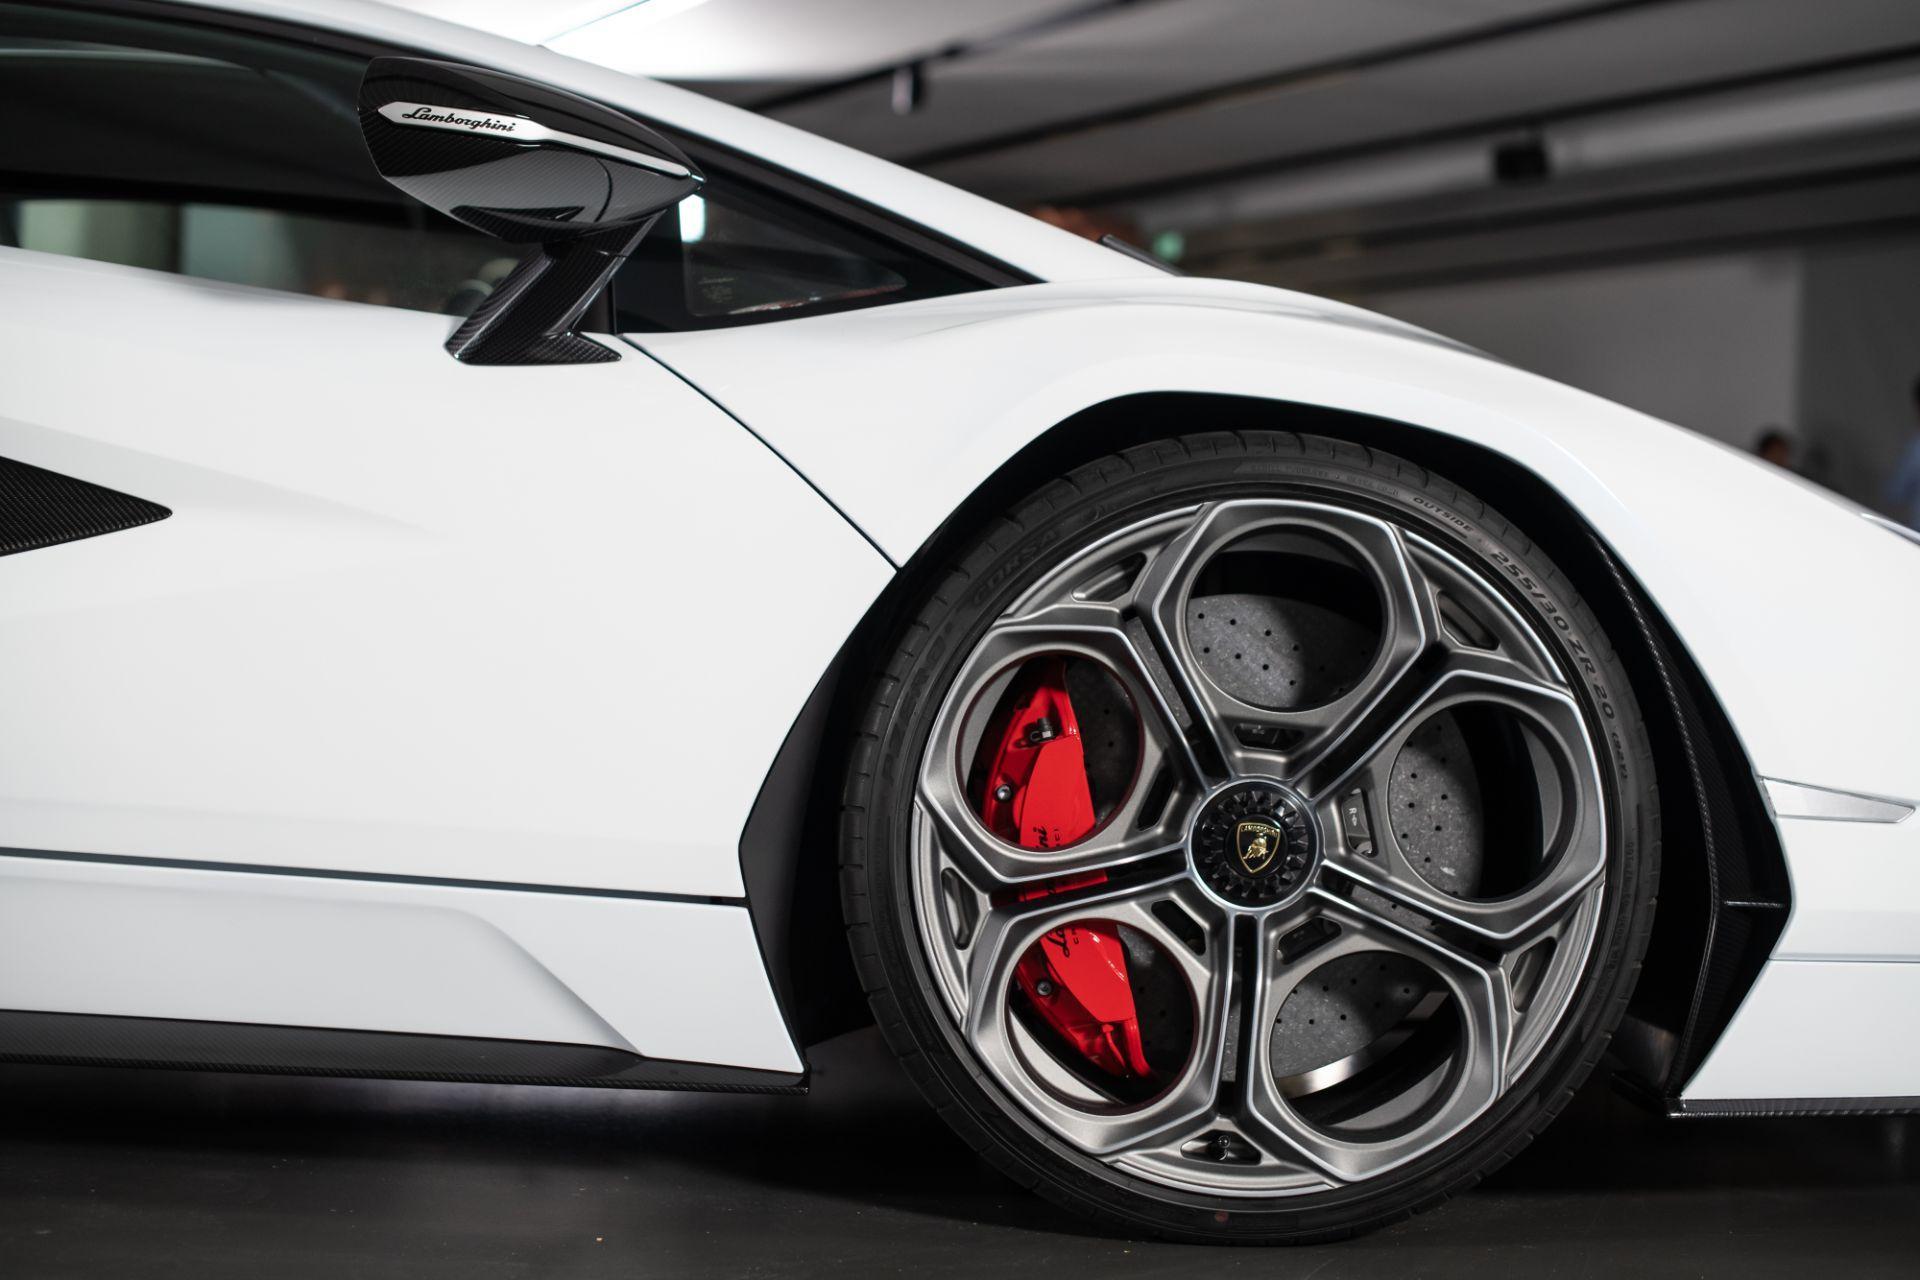 Lamborghini-Countach-LPI-800-4-48